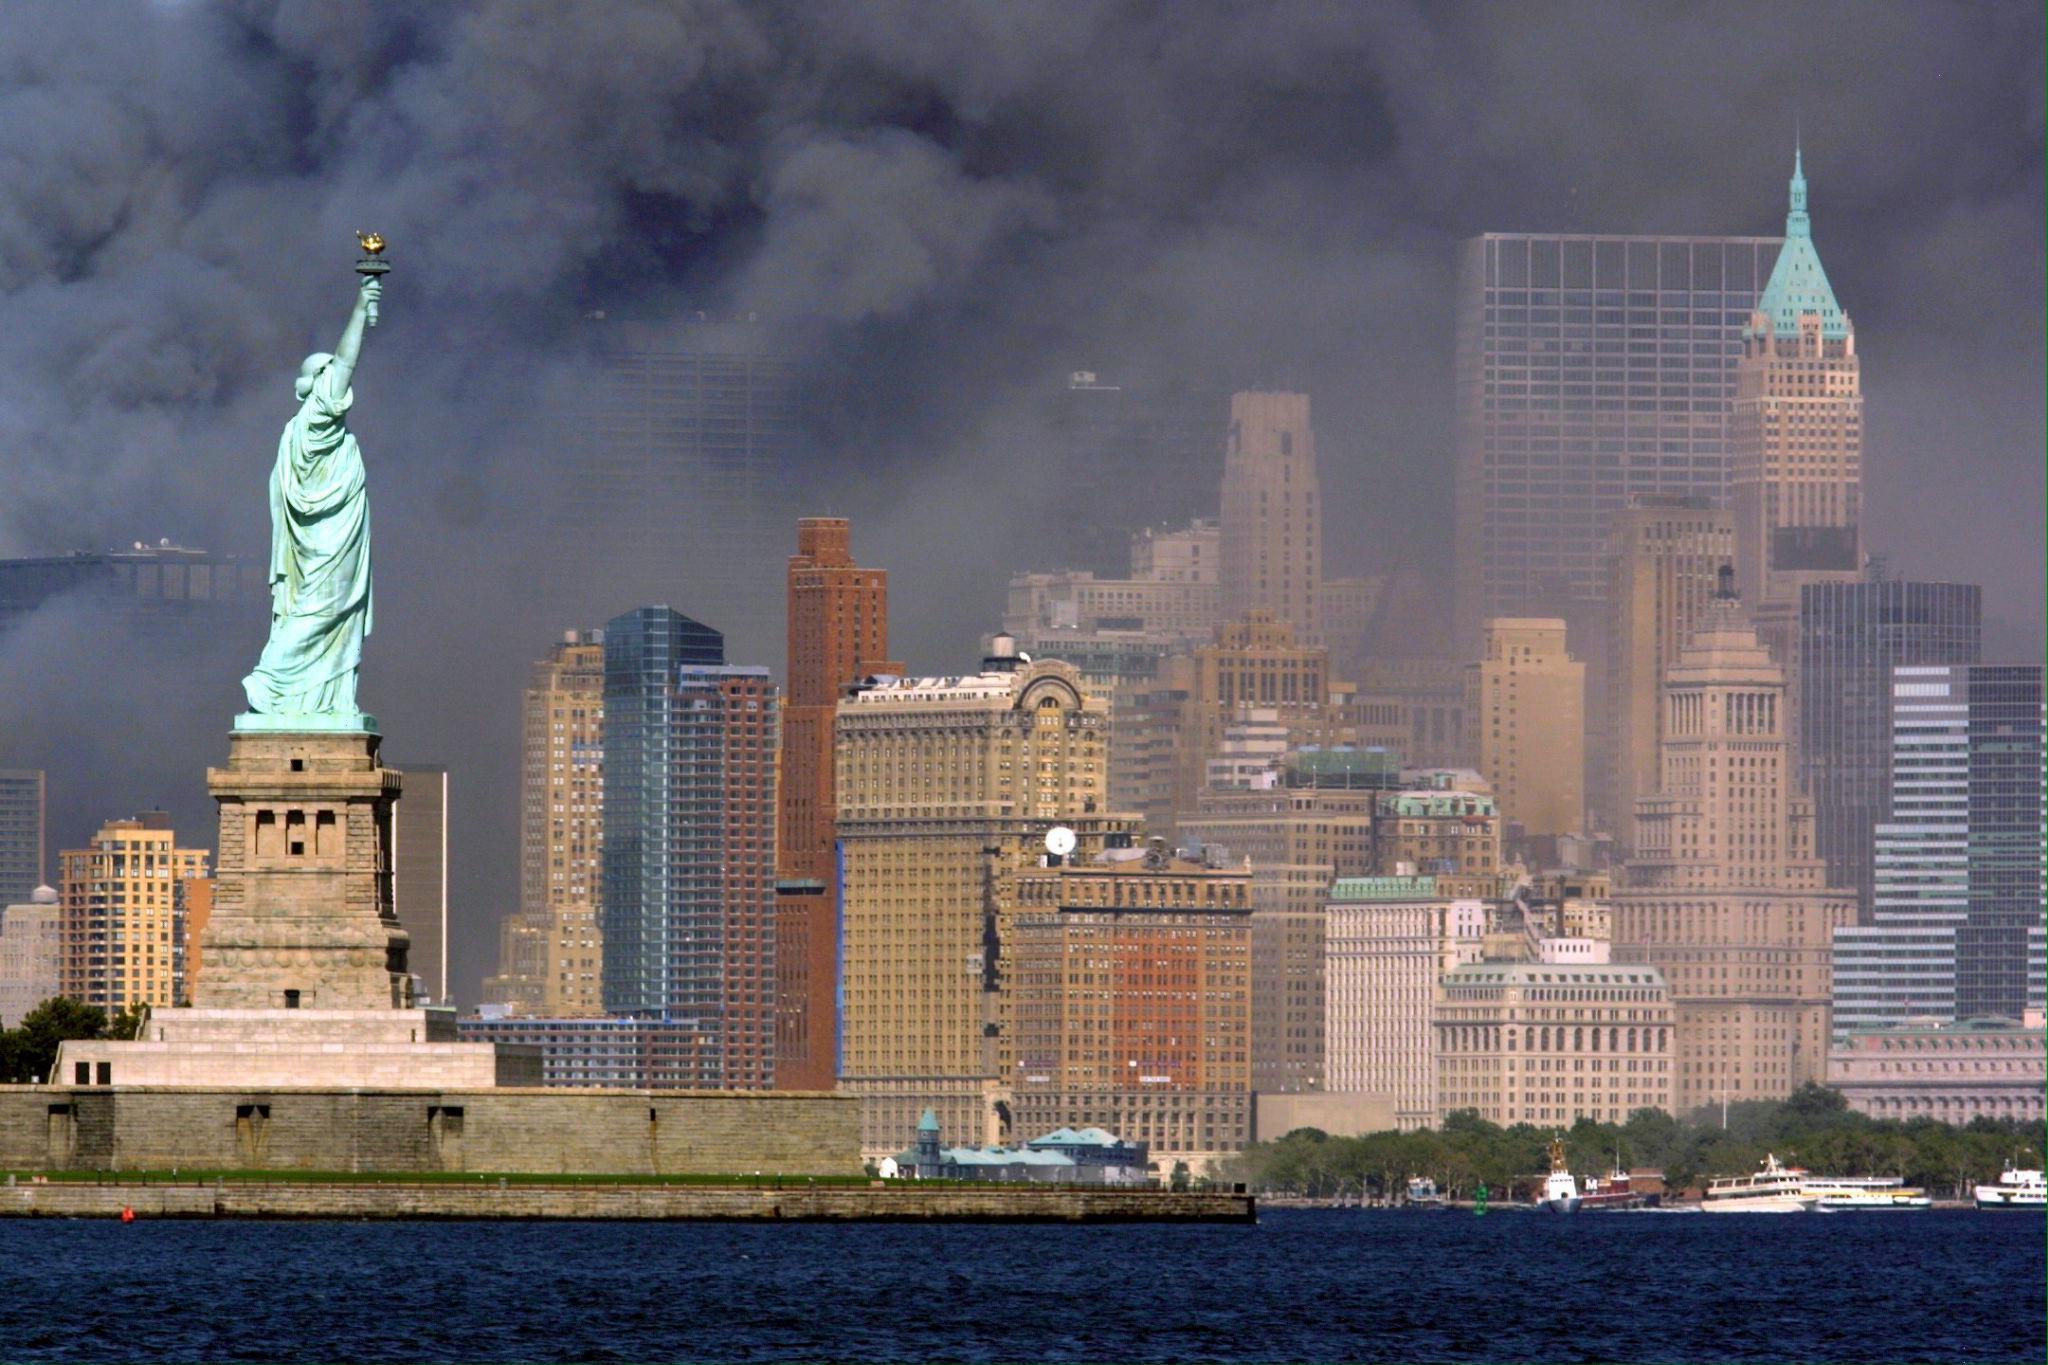 Un momento del crollo delle Torri Gemelle visto da dietro la Statua della Libertà.